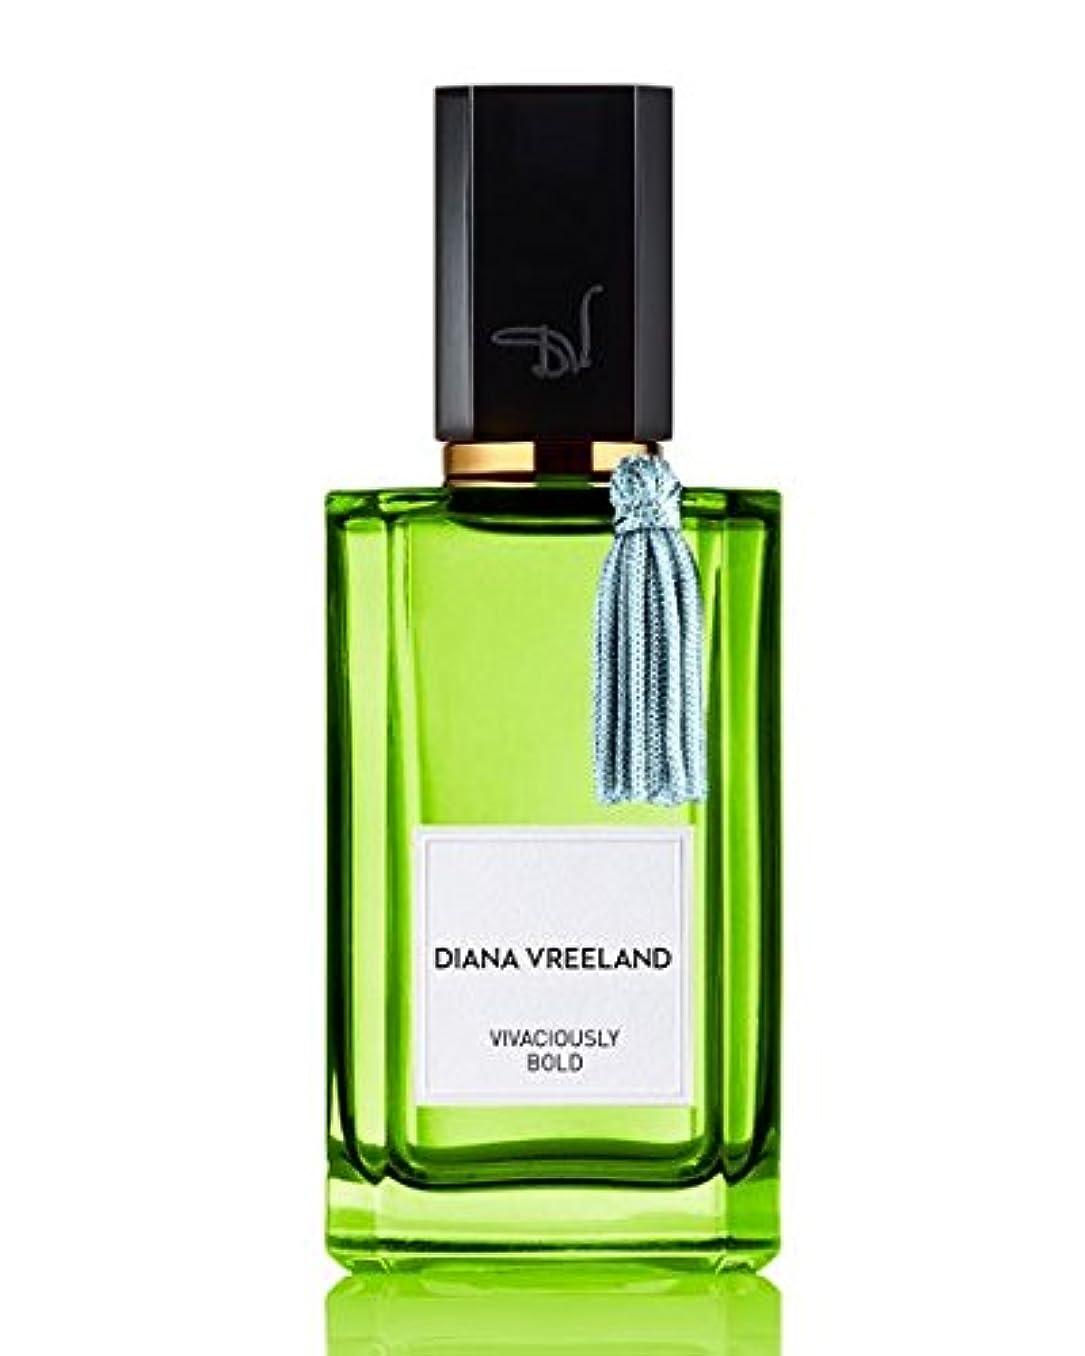 ブラスト振り返る繁栄Diana Vreeland Vivaciously Bold (ダイアナ ヴリーランド ビバシャスリー ボルド)1.7 oz (50ml) EDP Spray